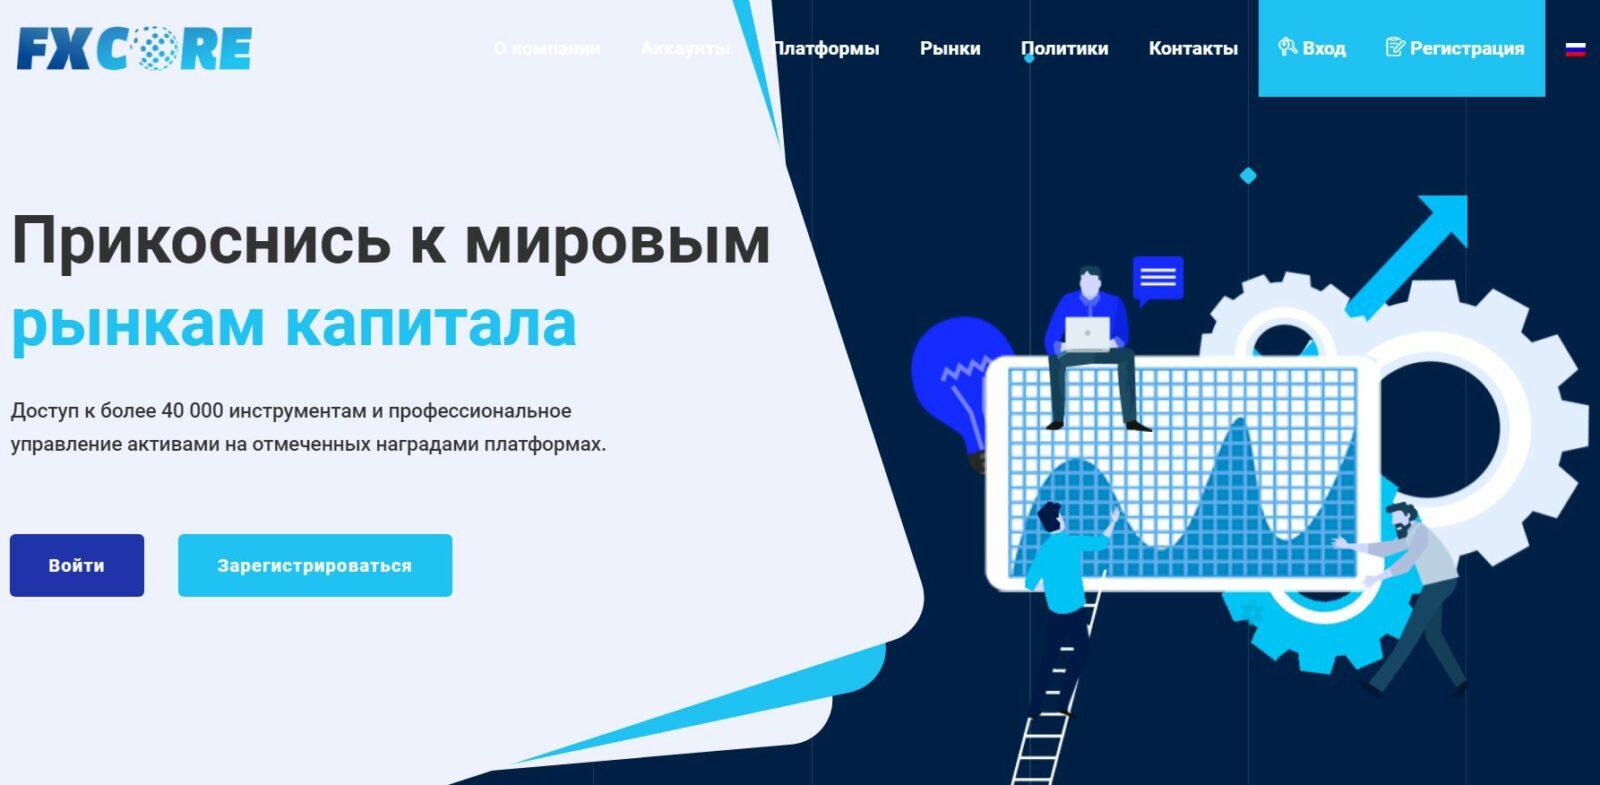 Сайт проекта FXCore.trade